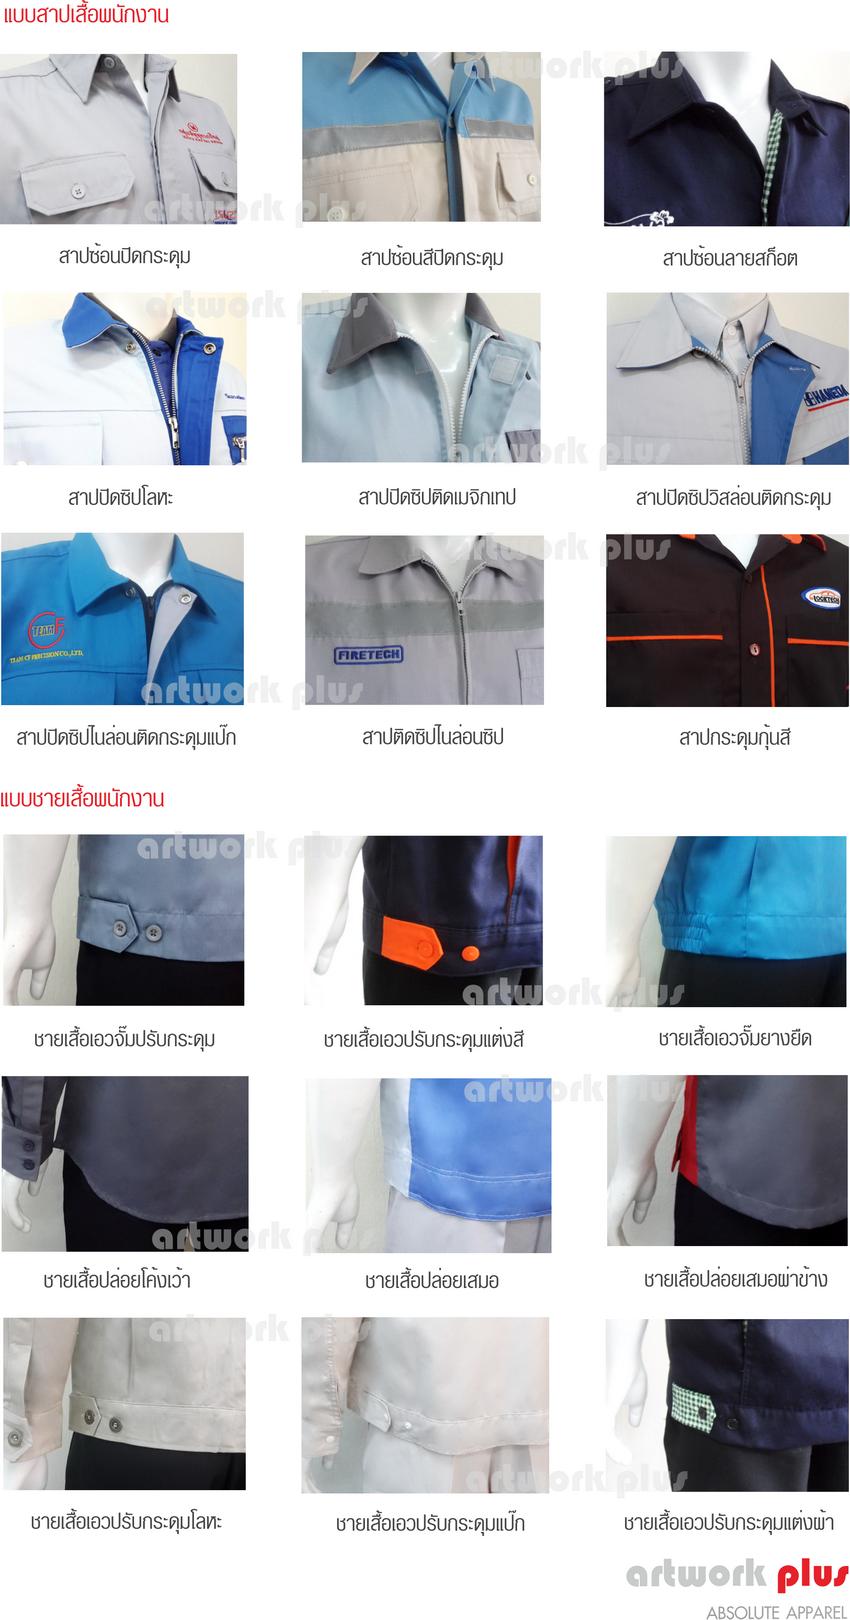 แบบสาปเสื้อ,ชายเสื้อพนักงาน,แบบเสื้อพนักงาน